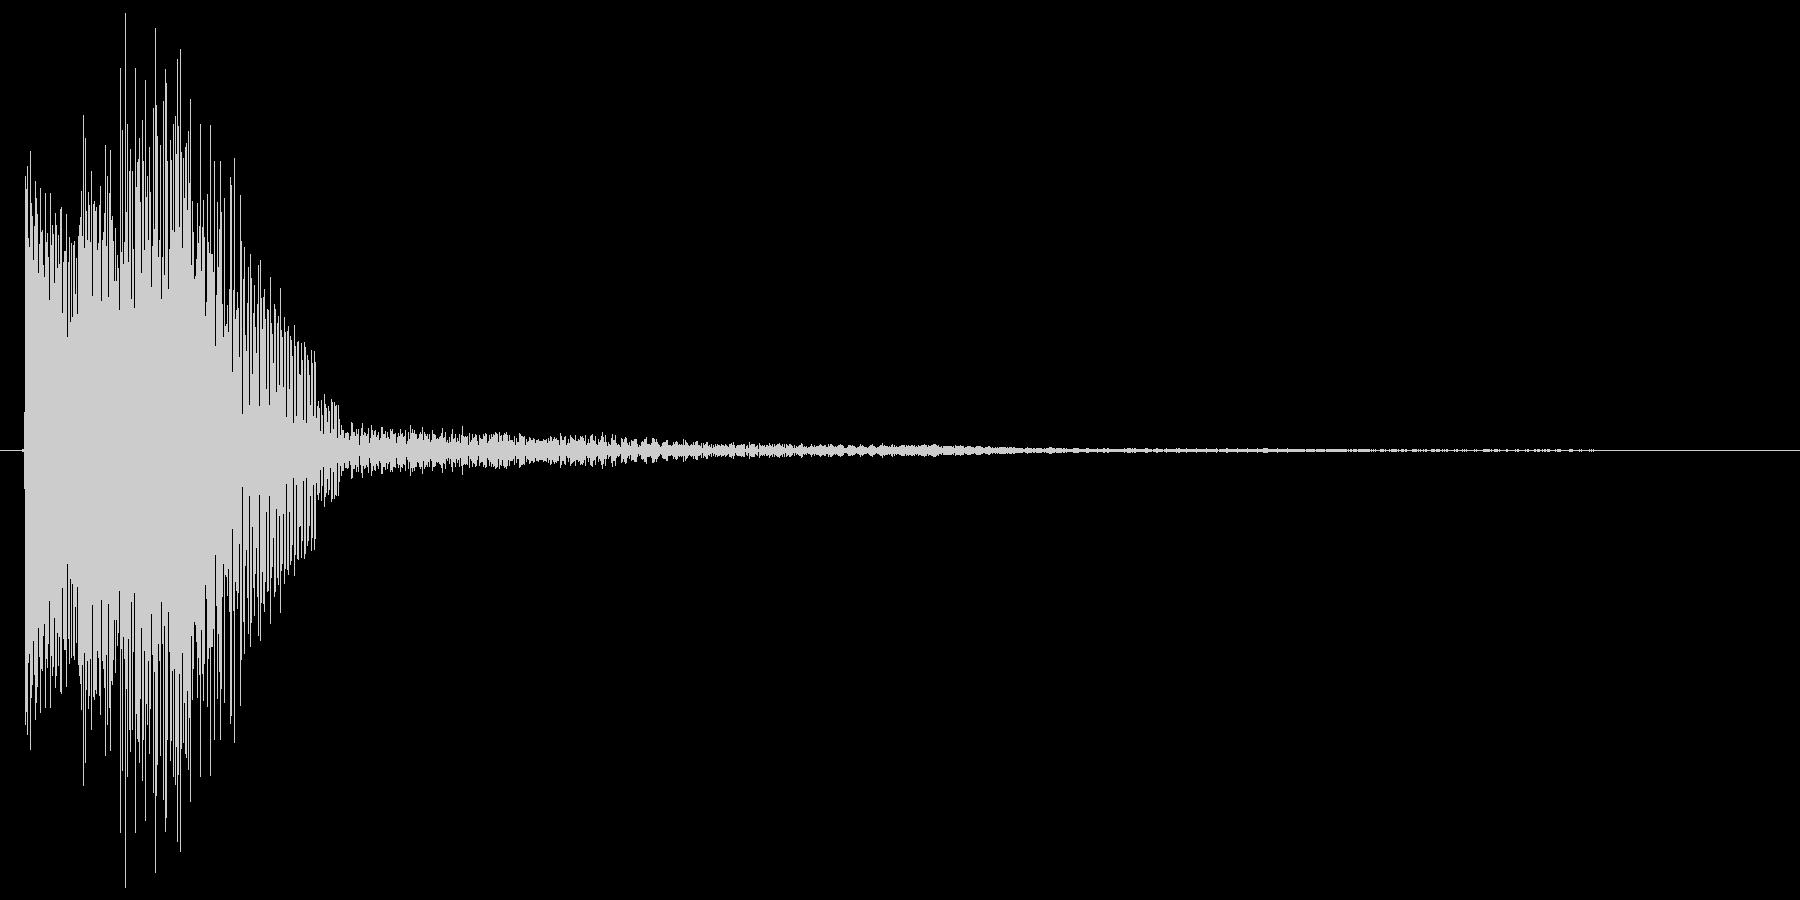 シンセ下降系のシンプルなキャンセル音の未再生の波形